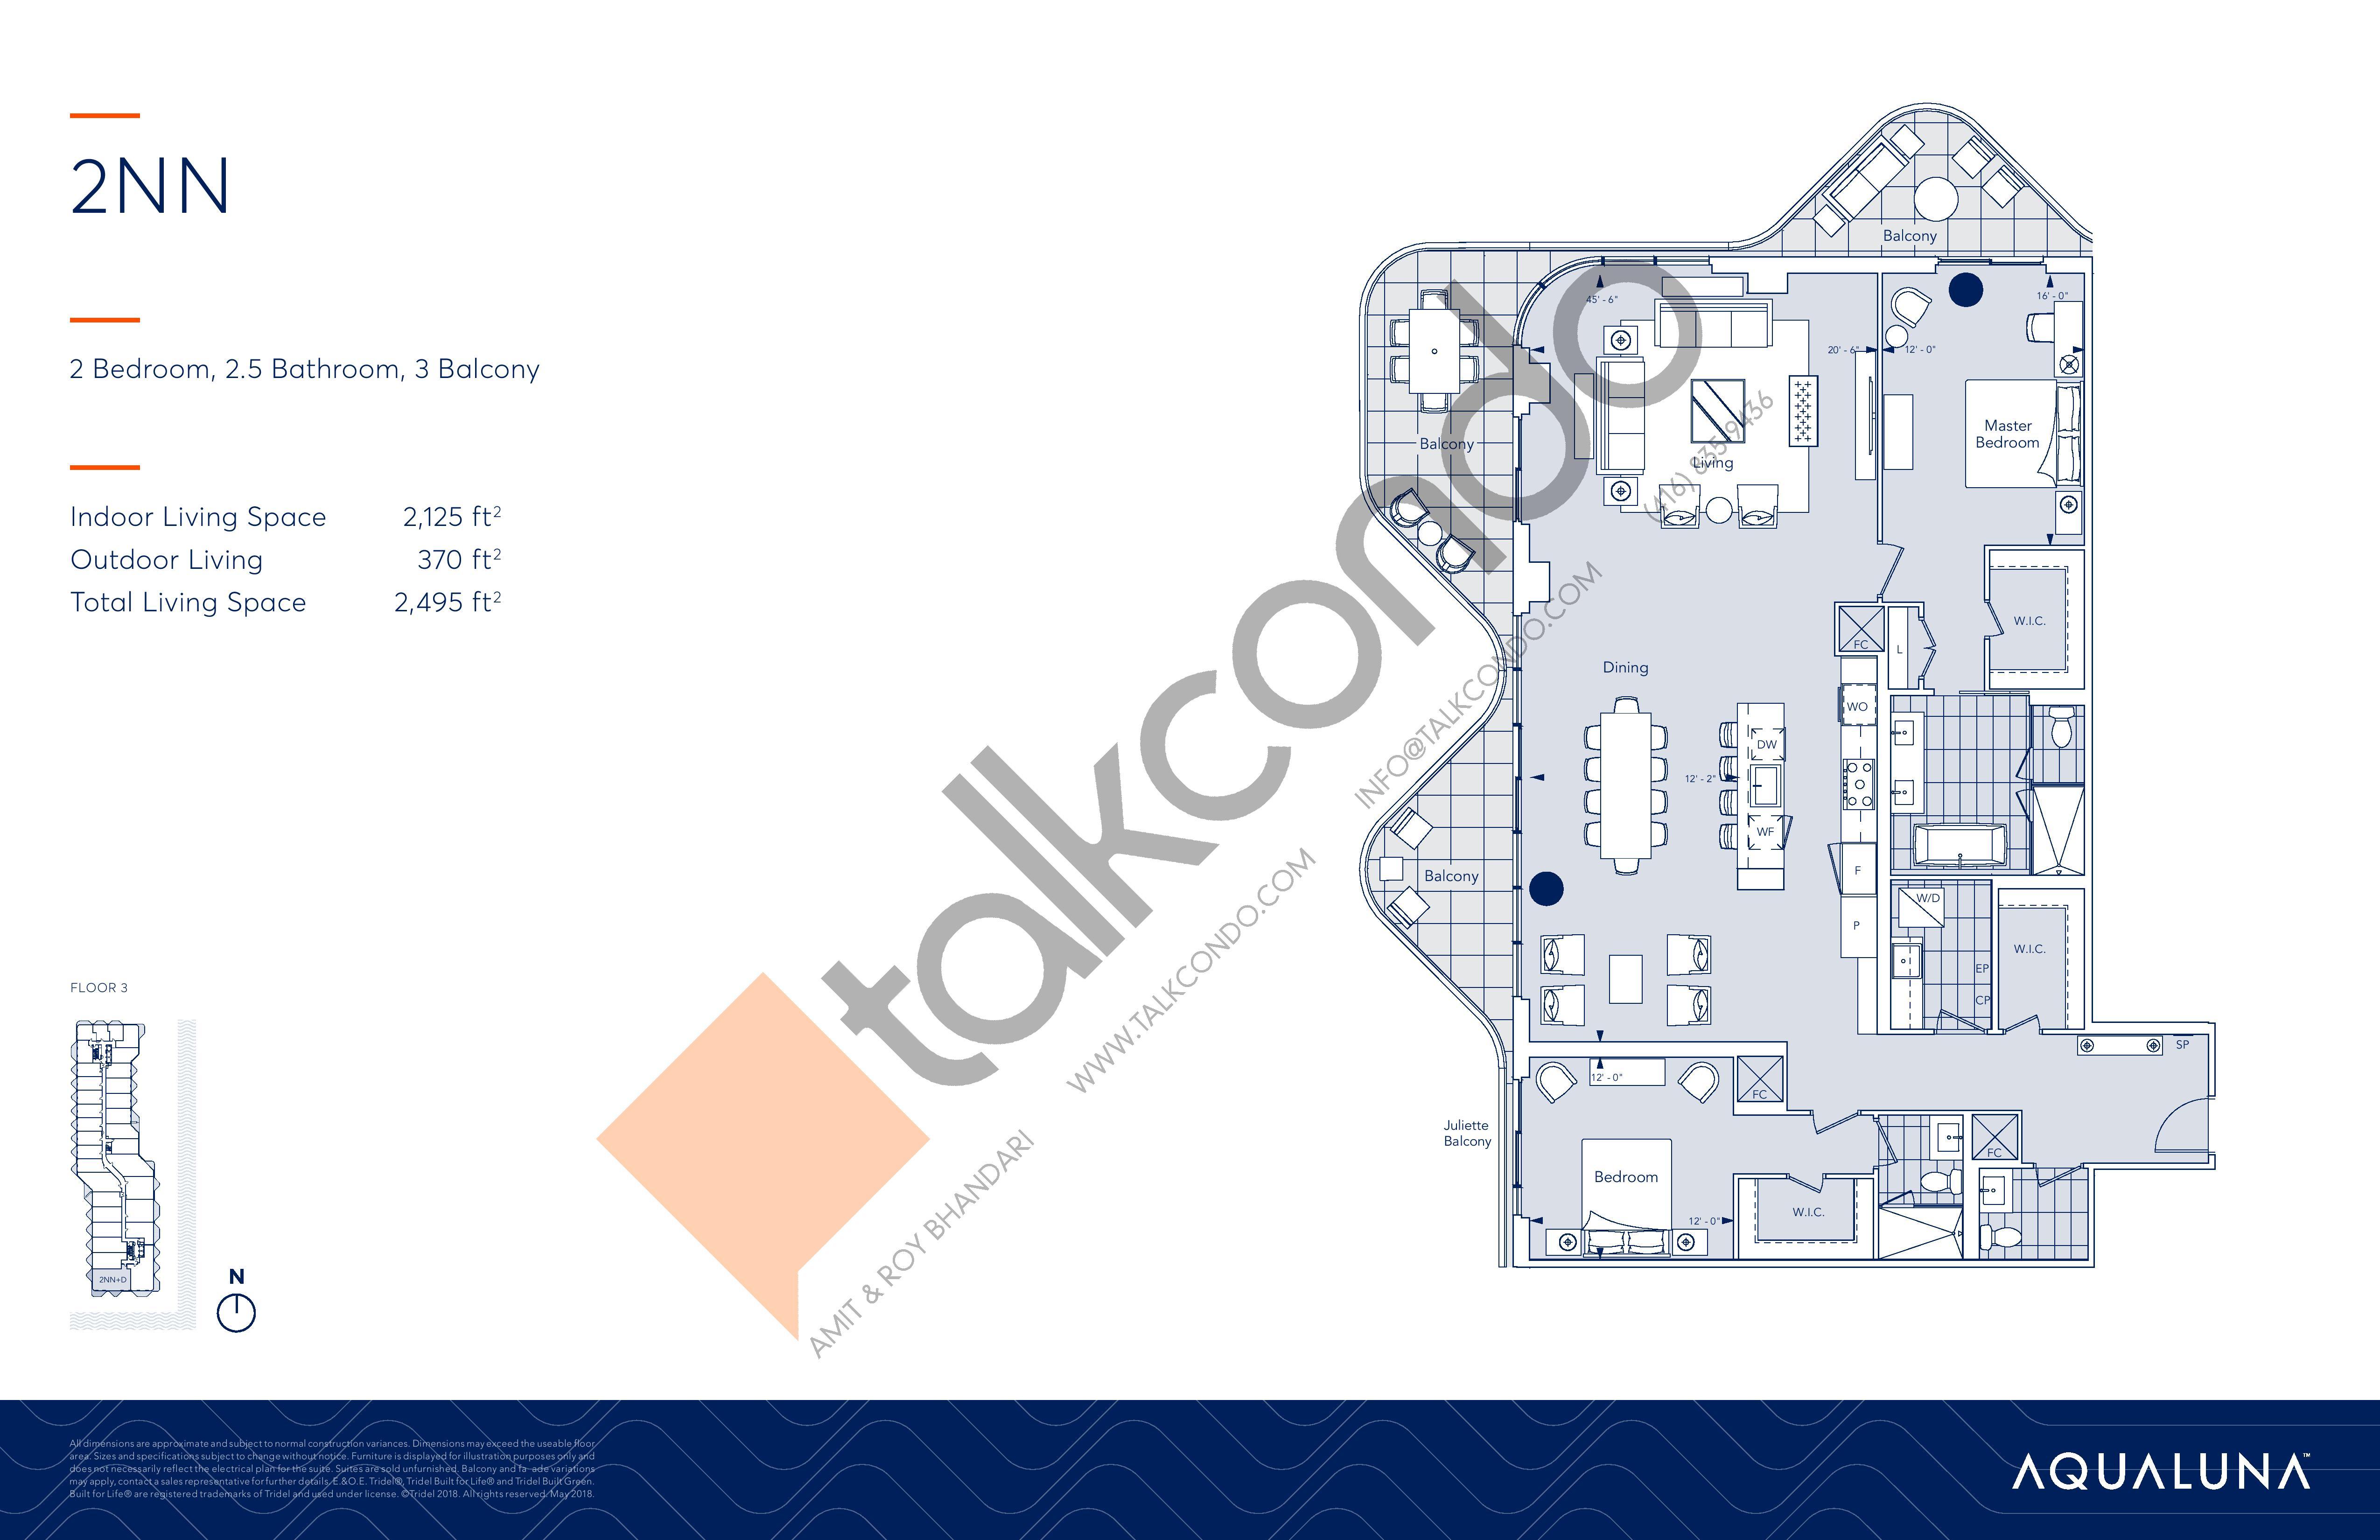 2NN Floor Plan at Aqualuna at Bayside Condos - 2125 sq.ft